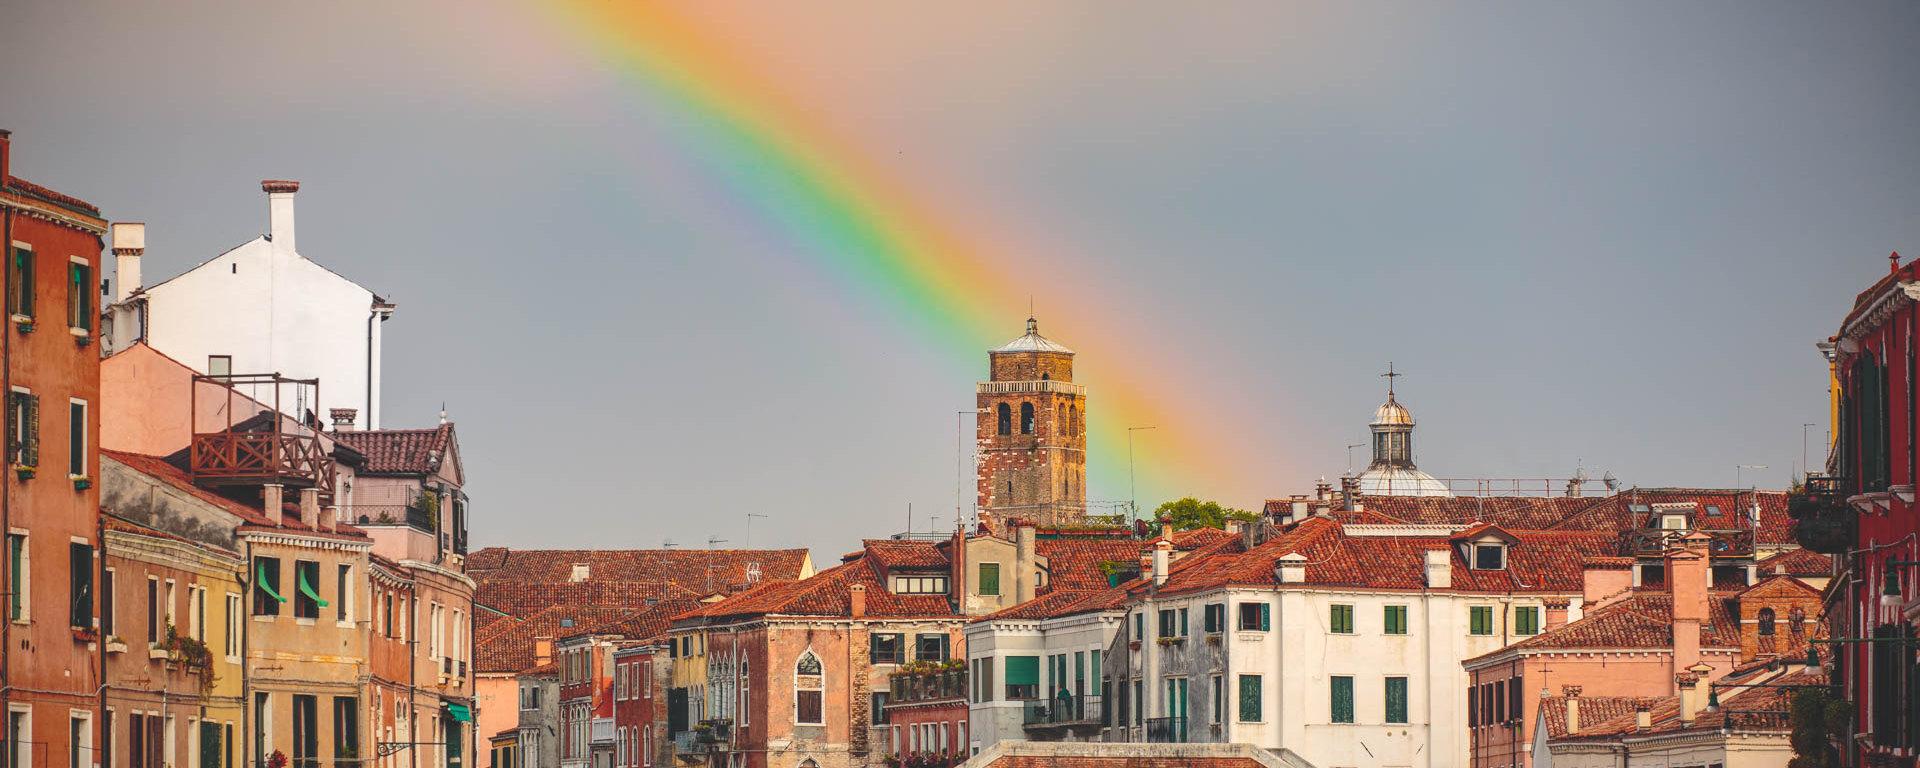 Regenbogen über den Dächern von Venedig, Beitragsbild für Artikel zur Veränderung der Kunst während Corona